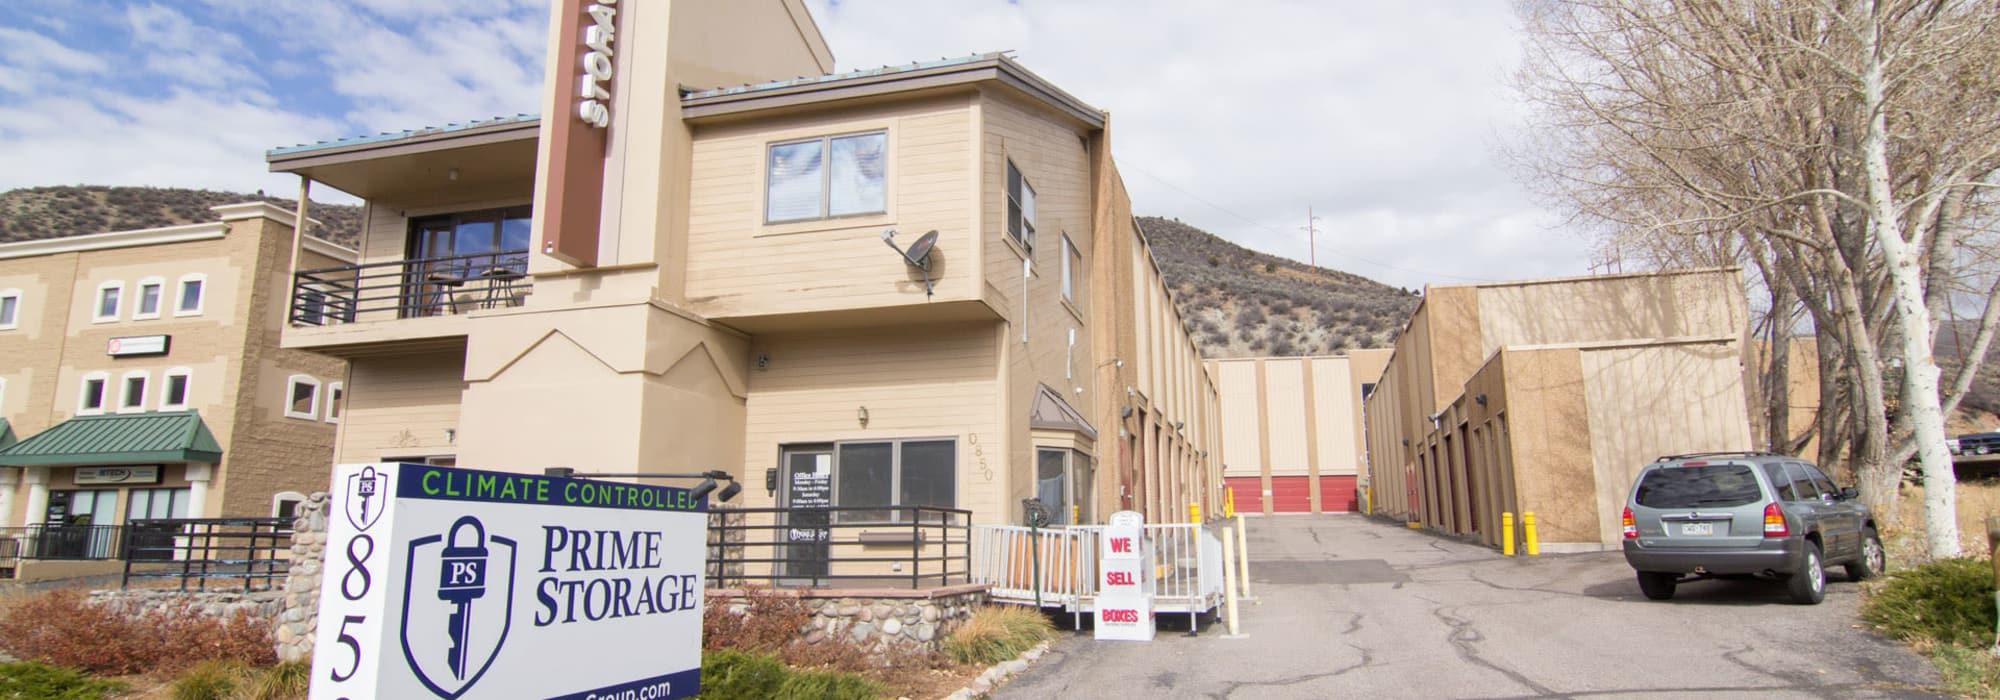 Prime Storage in Avon, CO